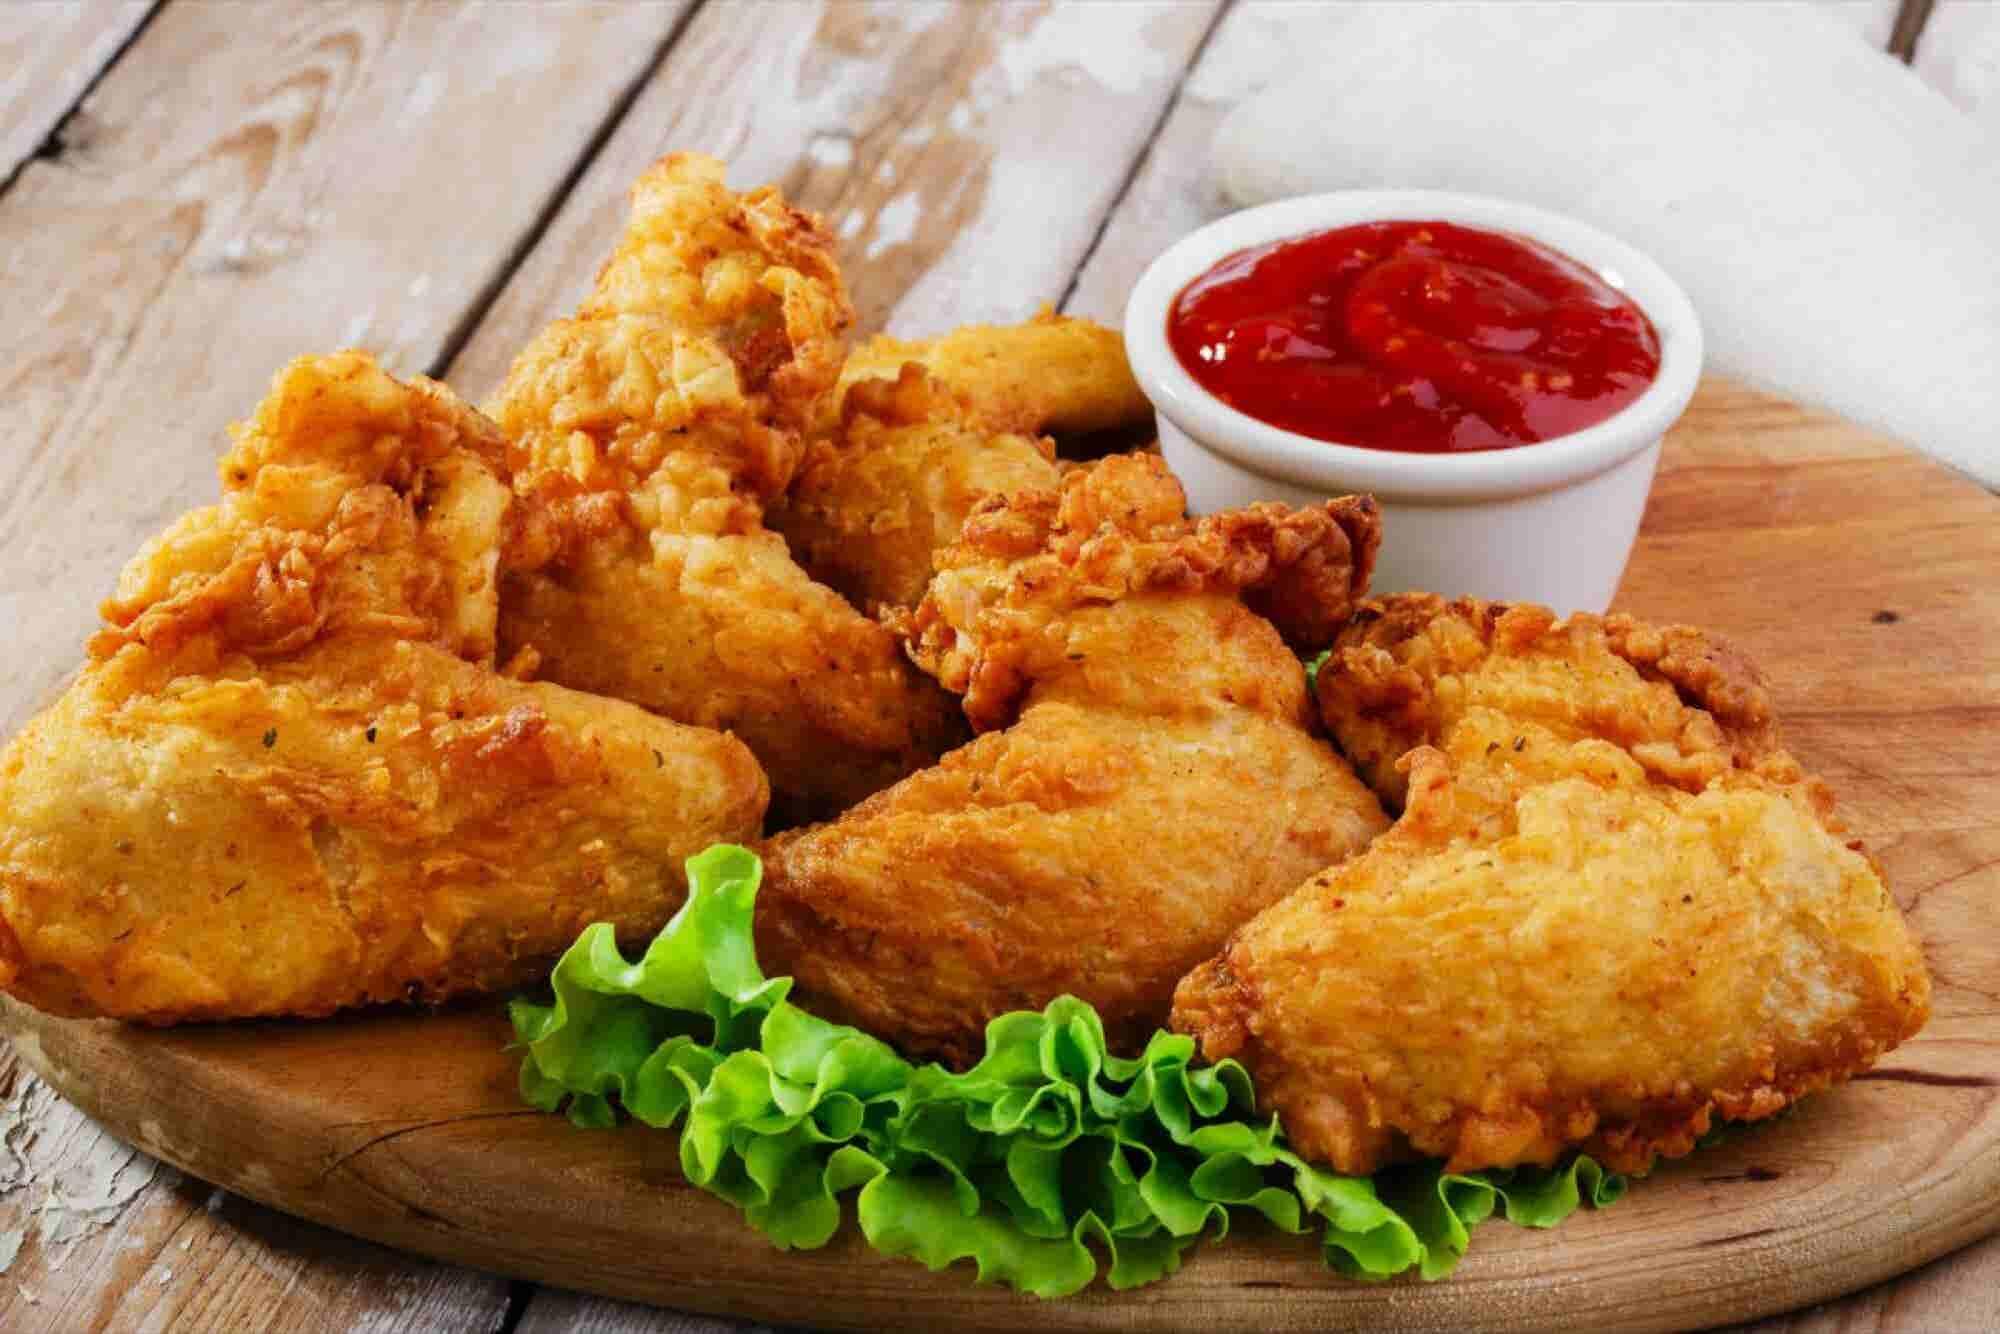 Krispy Krunchy Chicken quiere arrebatarle el mercado a KFC en México